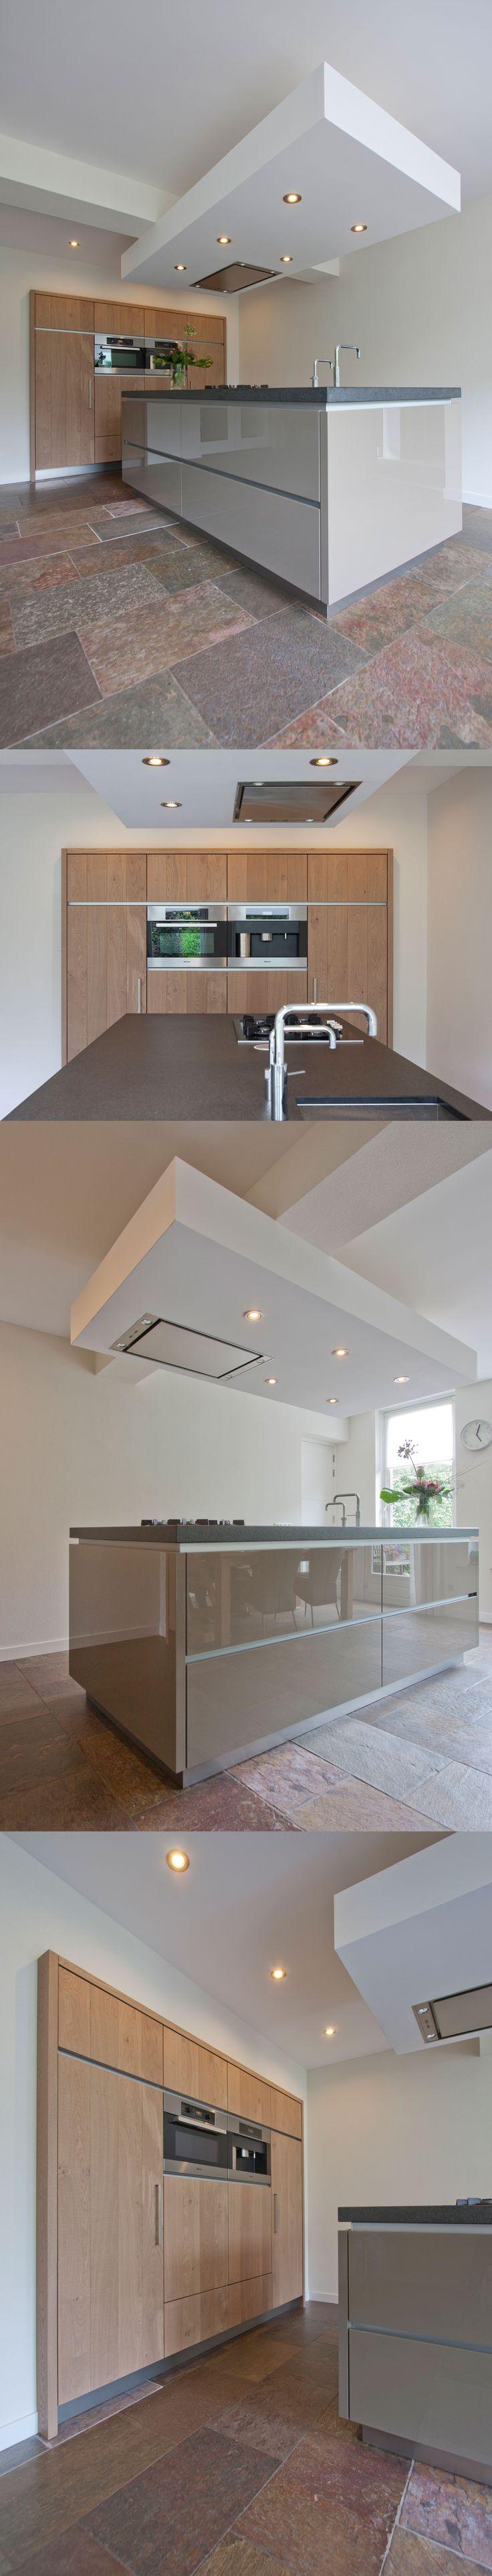 Corne de Keukenspecialist heeft het ontwerp 3D rendering en realisatie voor deze moderne stoere keuken gerealiseerd. Toegepast : Massief hout blank gelakt in combinatie met hoogglans kasmier lak - werkblad nero assoluto anciento - Miele apparatuur